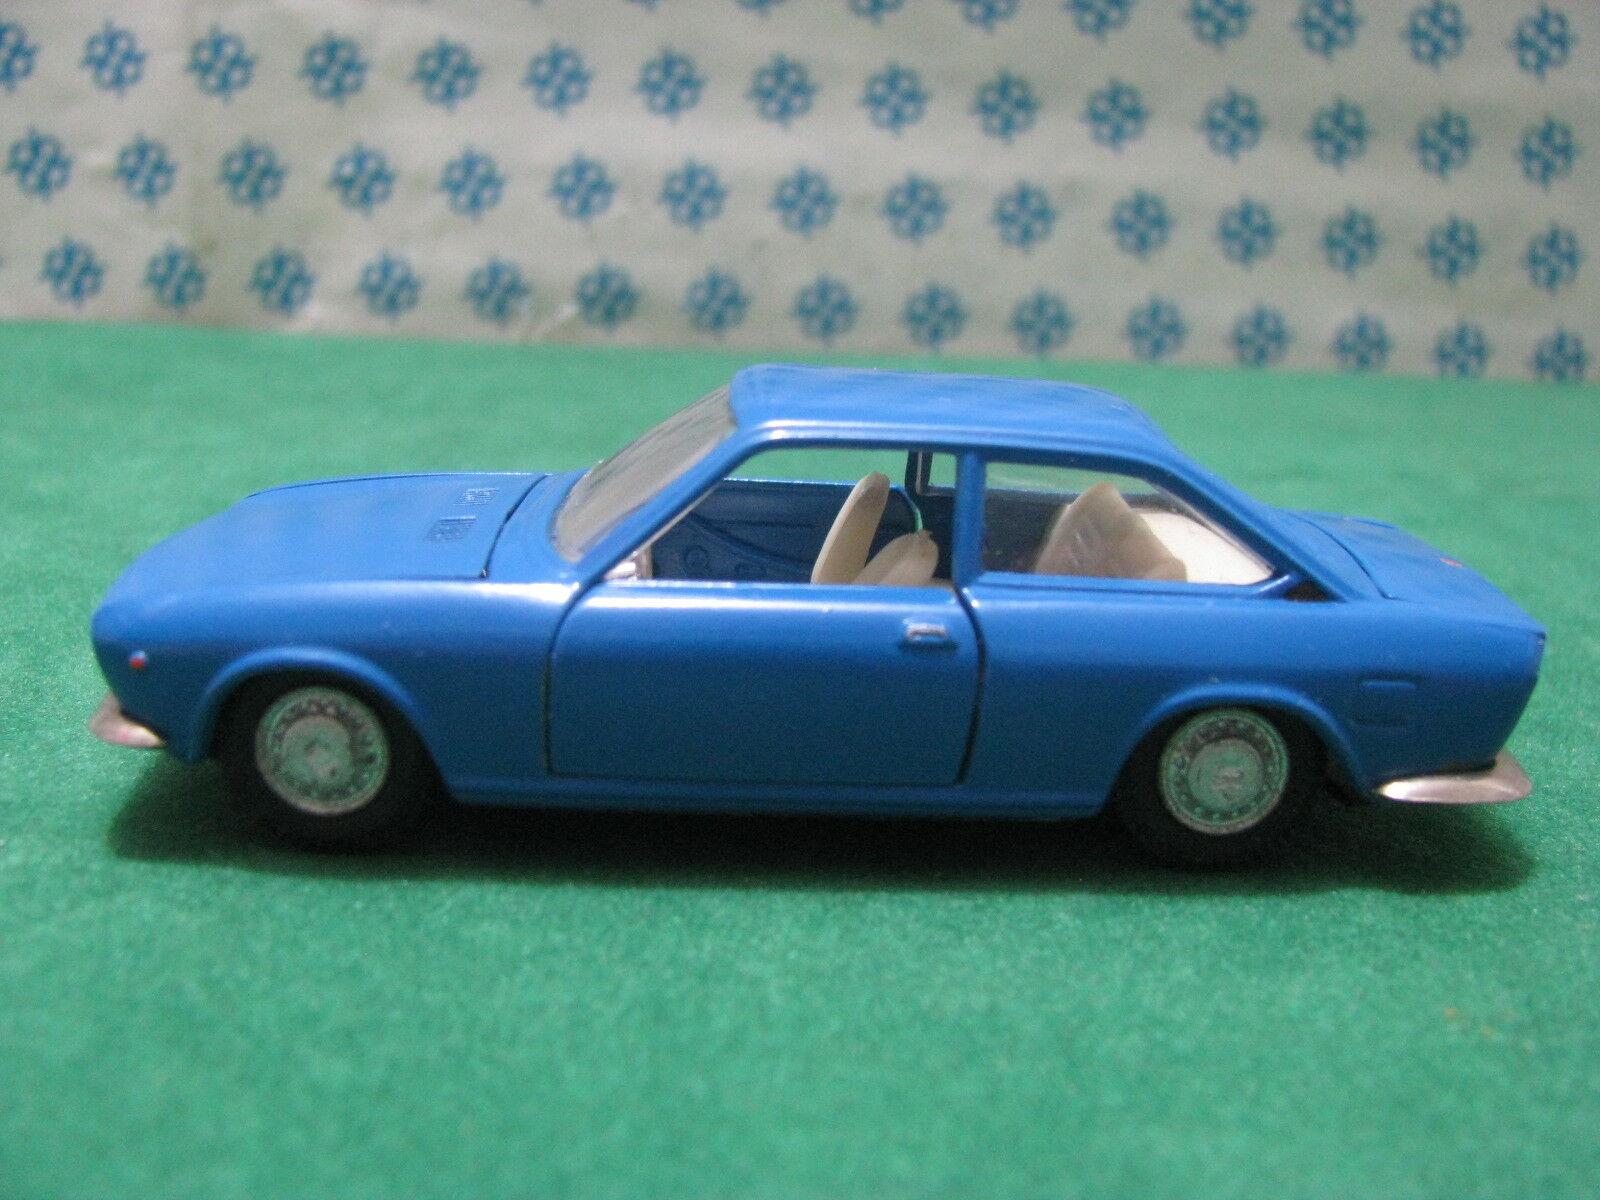 Vintage - SEAT 124 Sport Coupe 1600cc 1 43 43 43 Auto-Pilen M-329 7ed19a